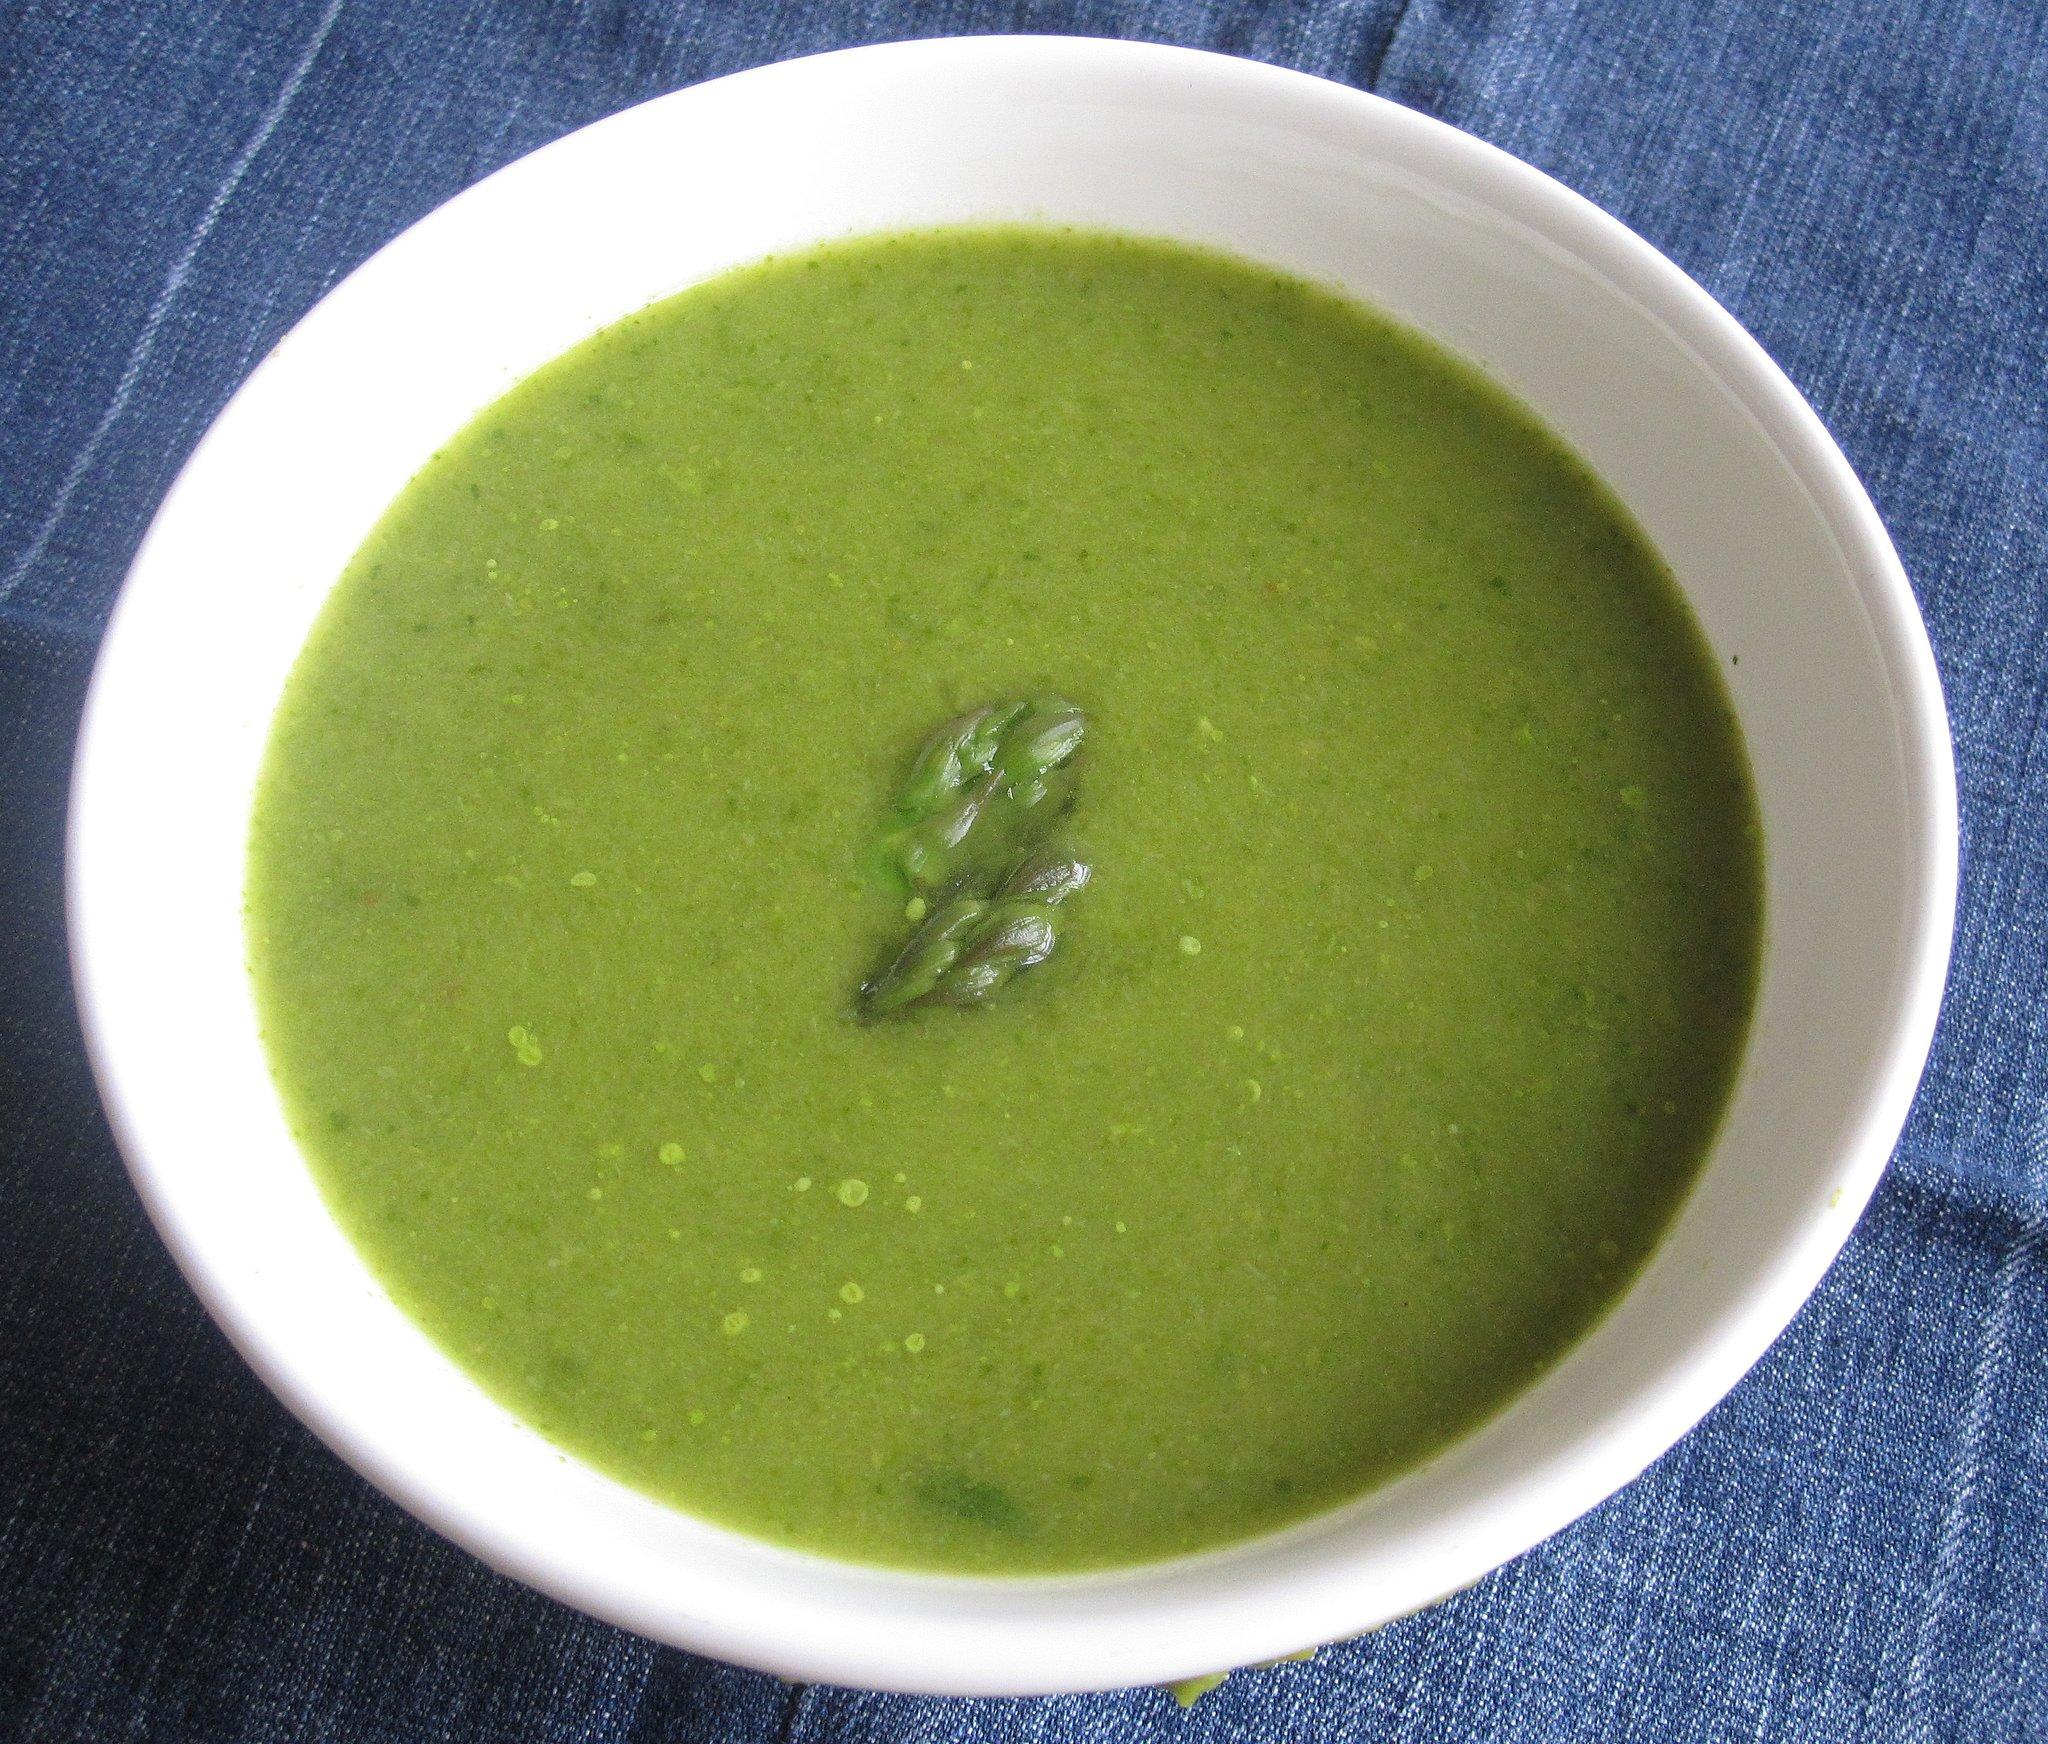 Soup Recipes Asparagus: Body Reset: 10 Low-Calorie Detox Soups